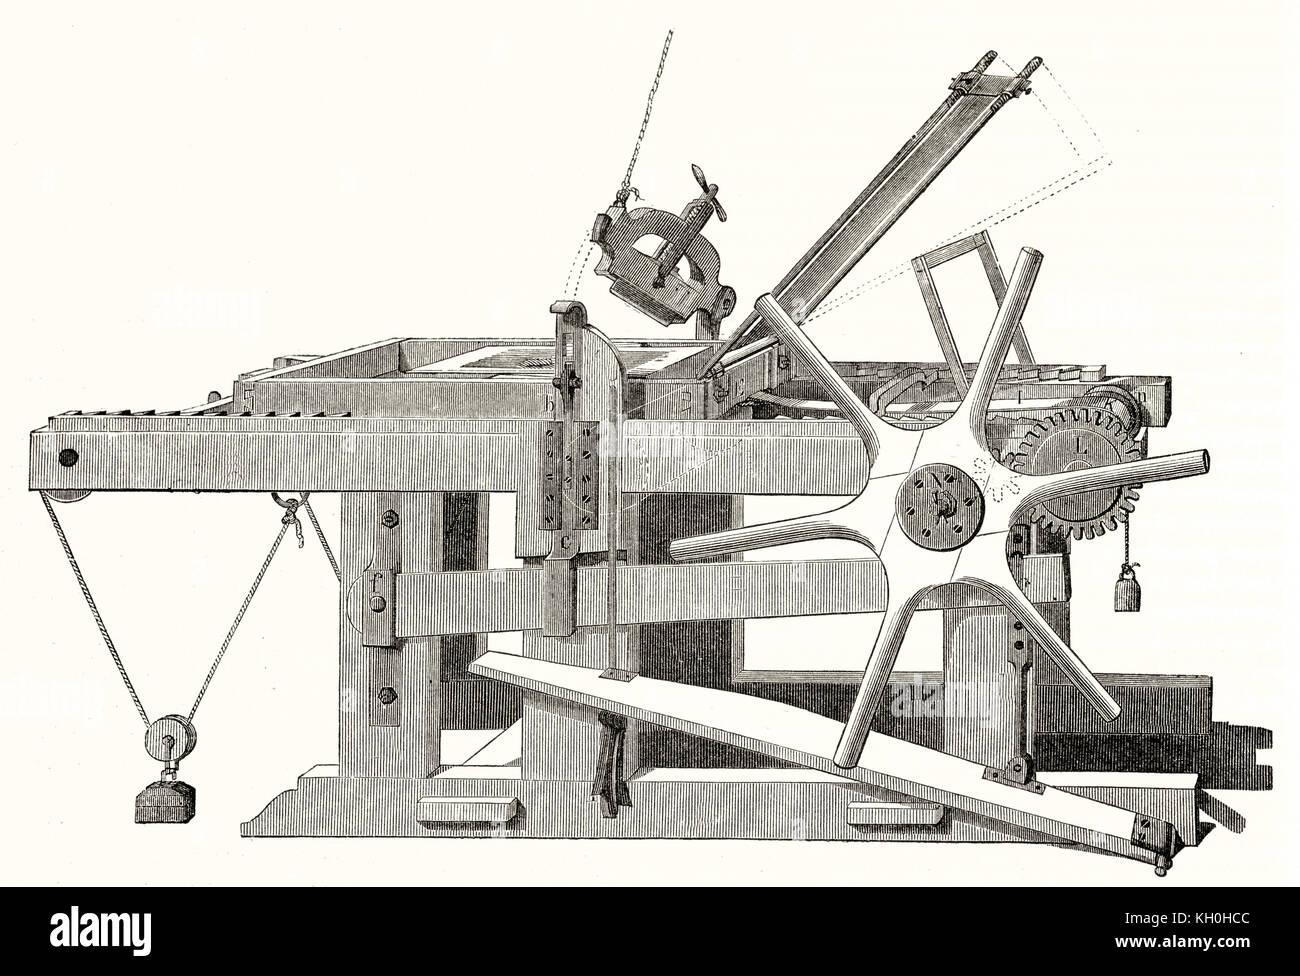 Vecchia illustrazione di una pressa di litografia. Da autore non identificato, publ. su Magasin pittoresco, Parigi, Immagini Stock